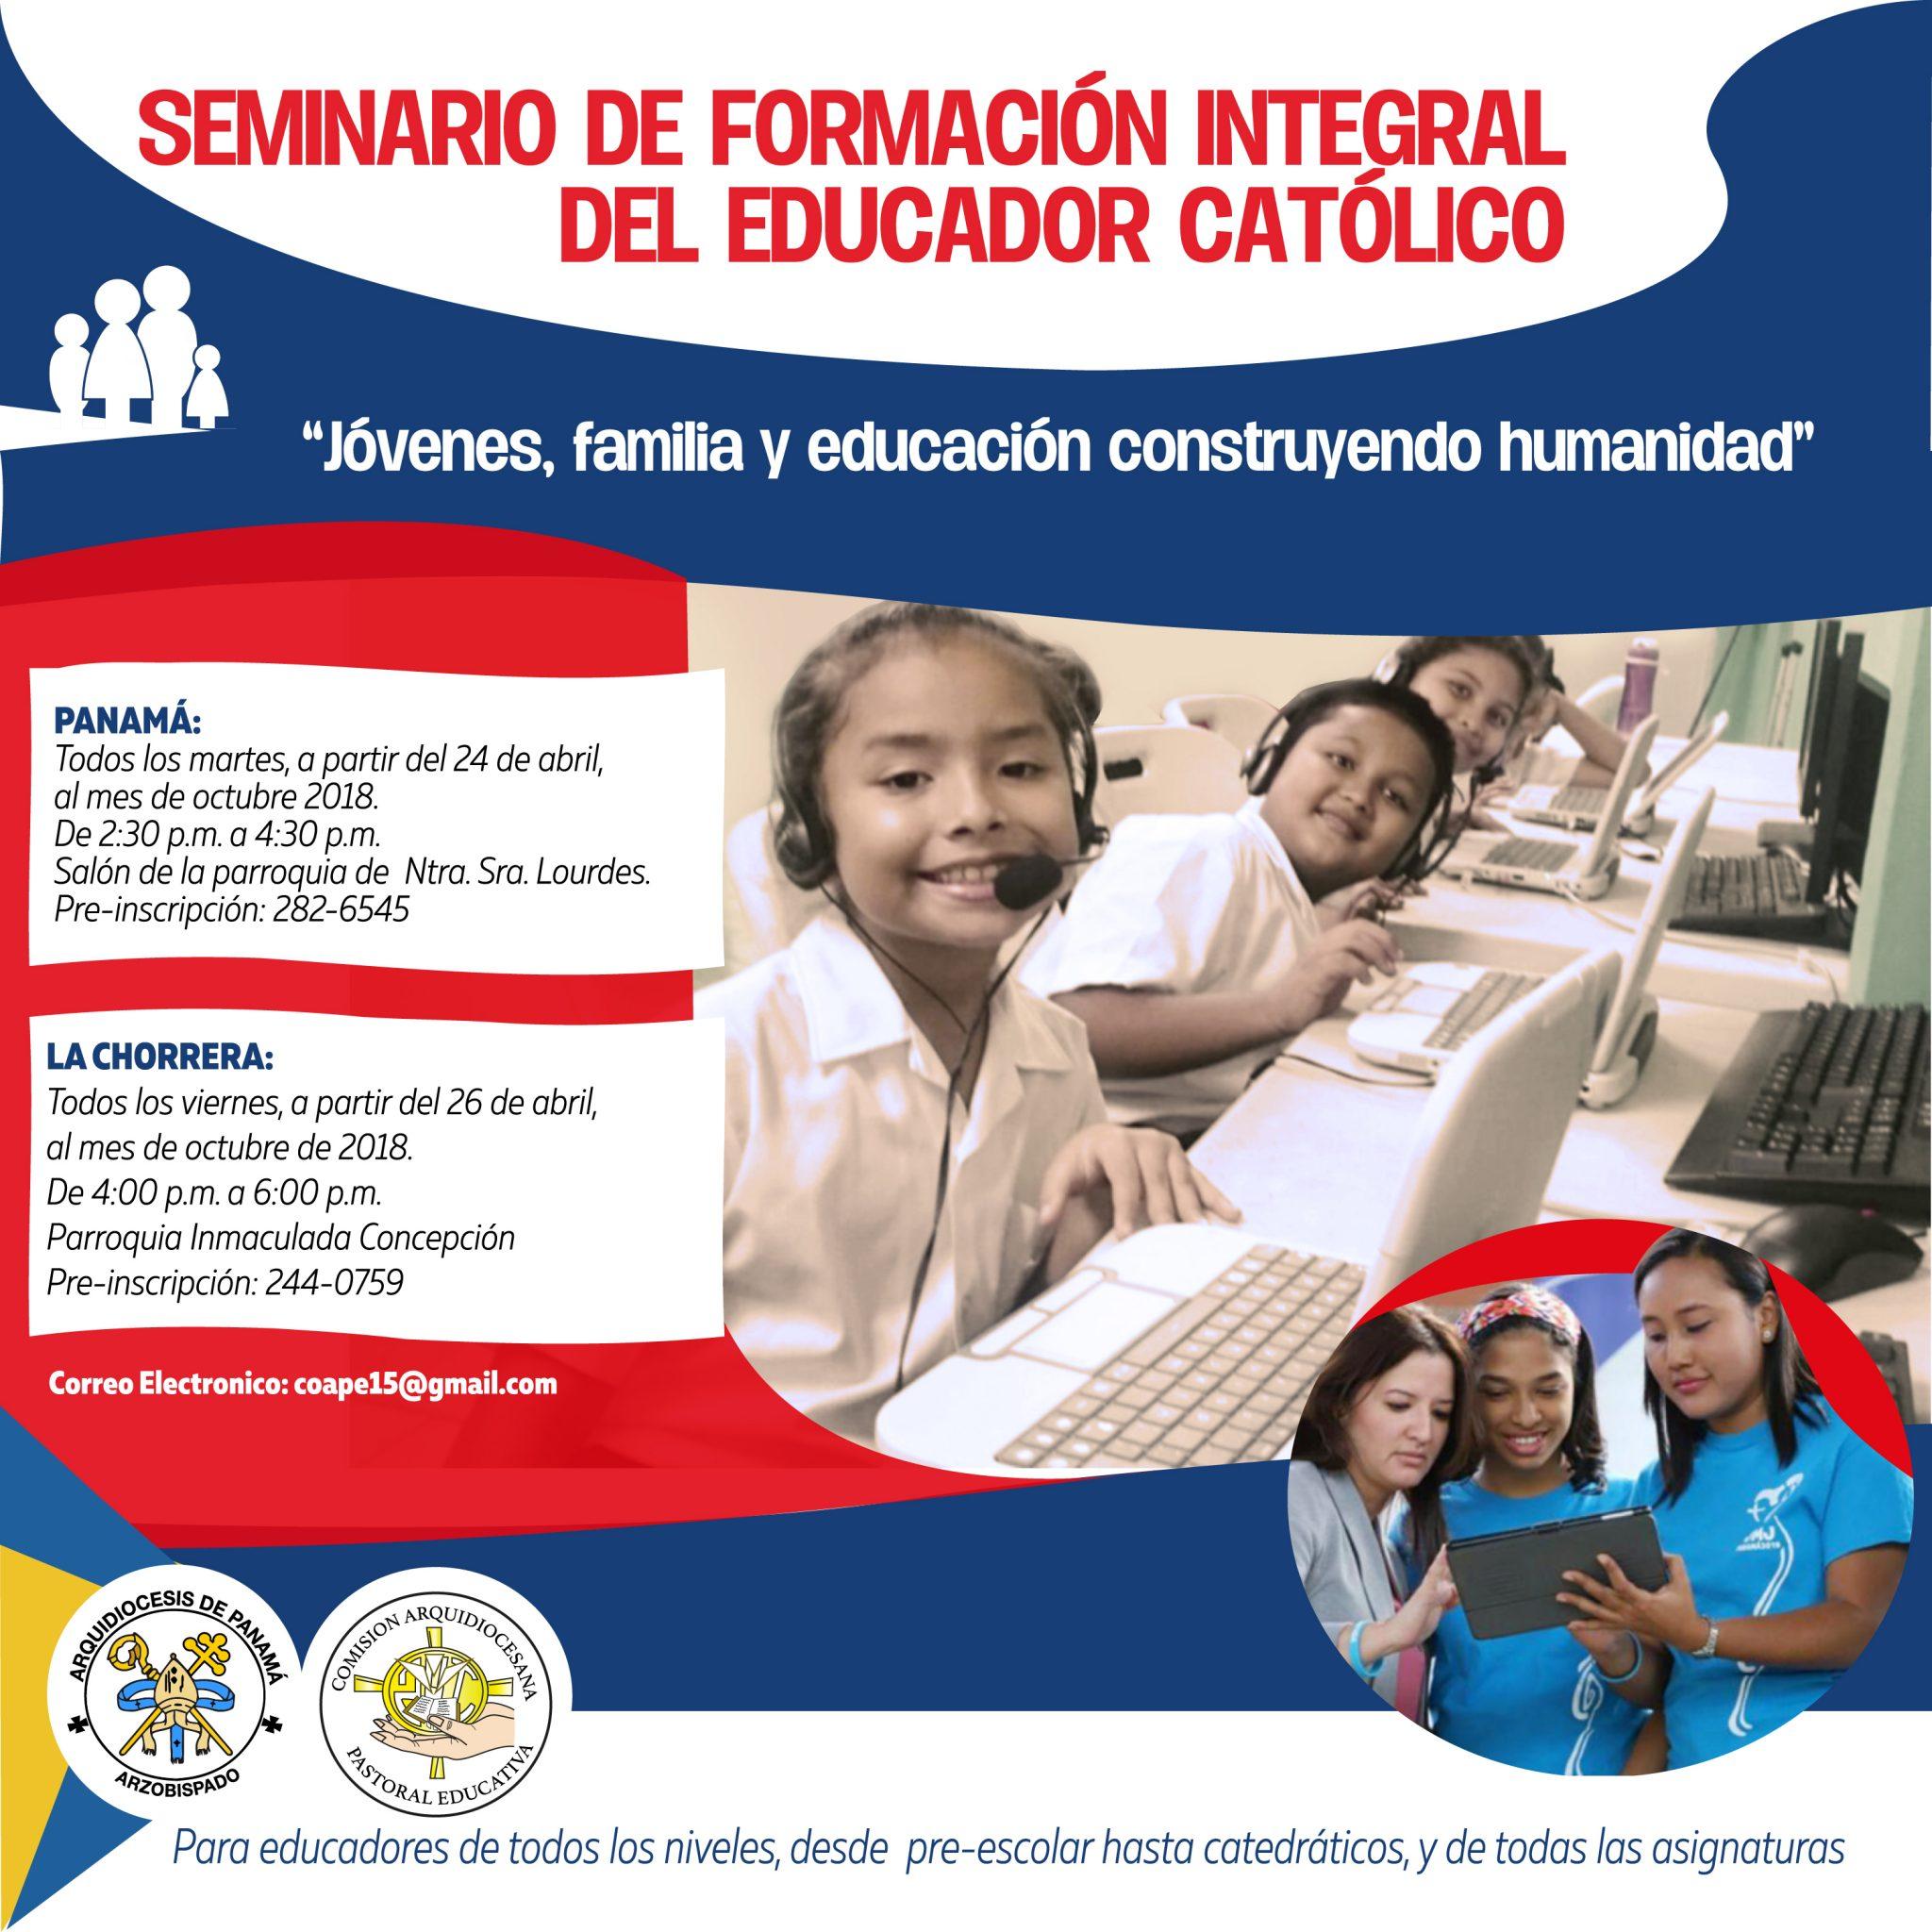 Seminario de Formación Integral  del Educador Católico